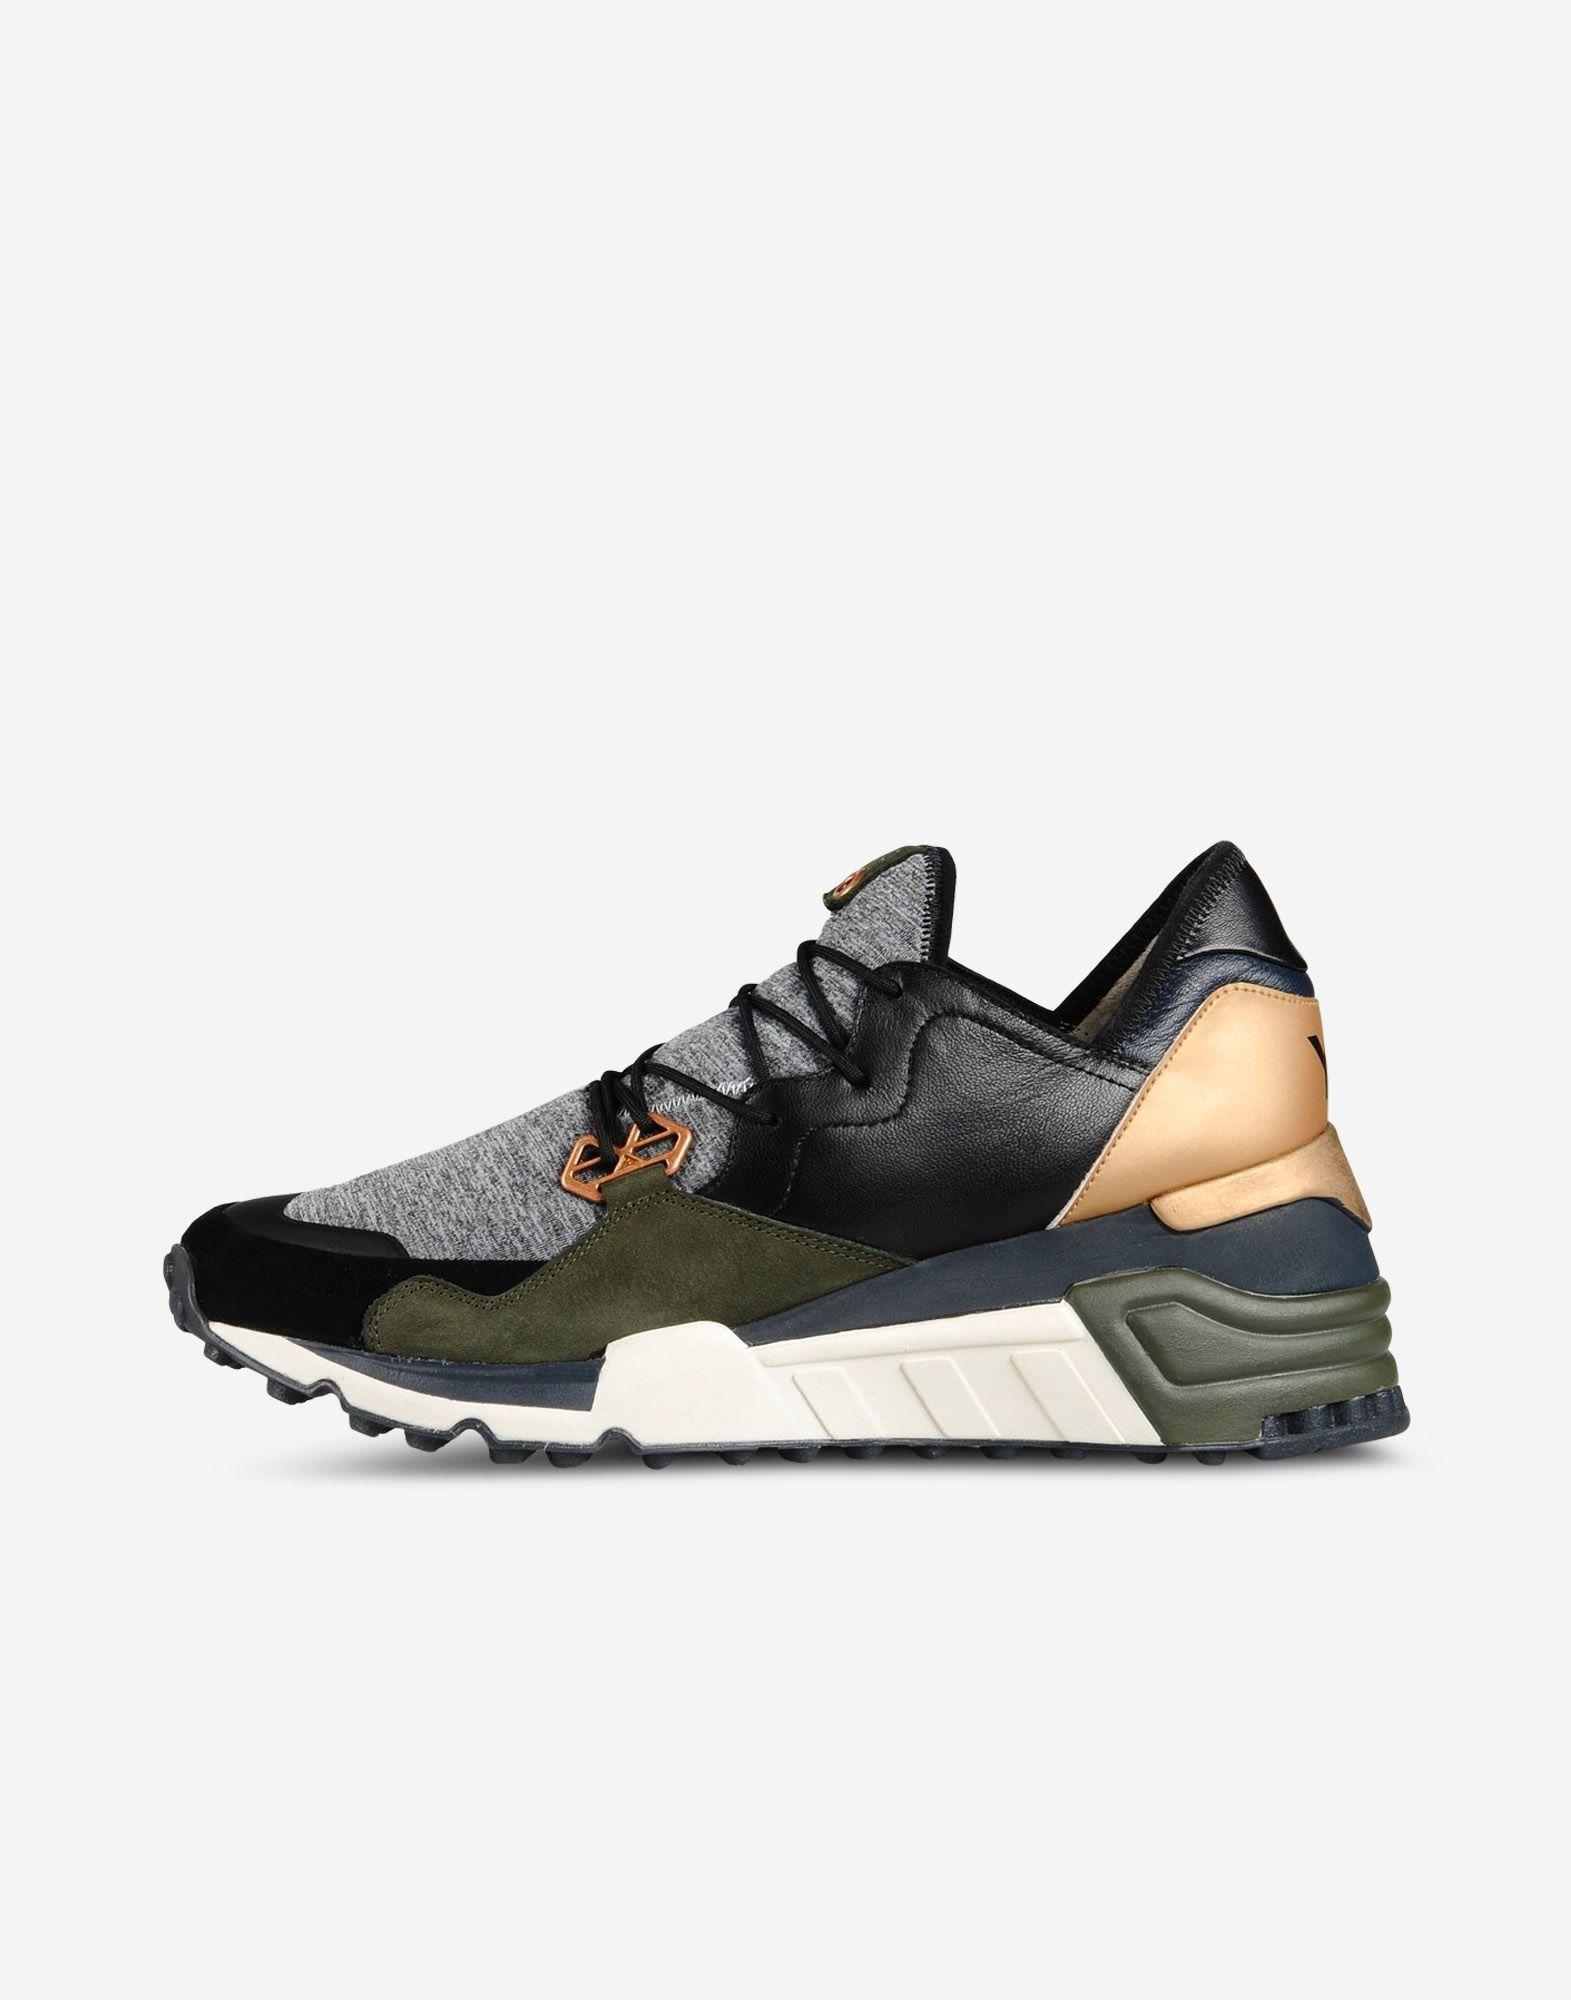 c6ee52cf9cc86 Y-3 wedge sock run sneakers. Love this colorway of  olive navy copper black grey.